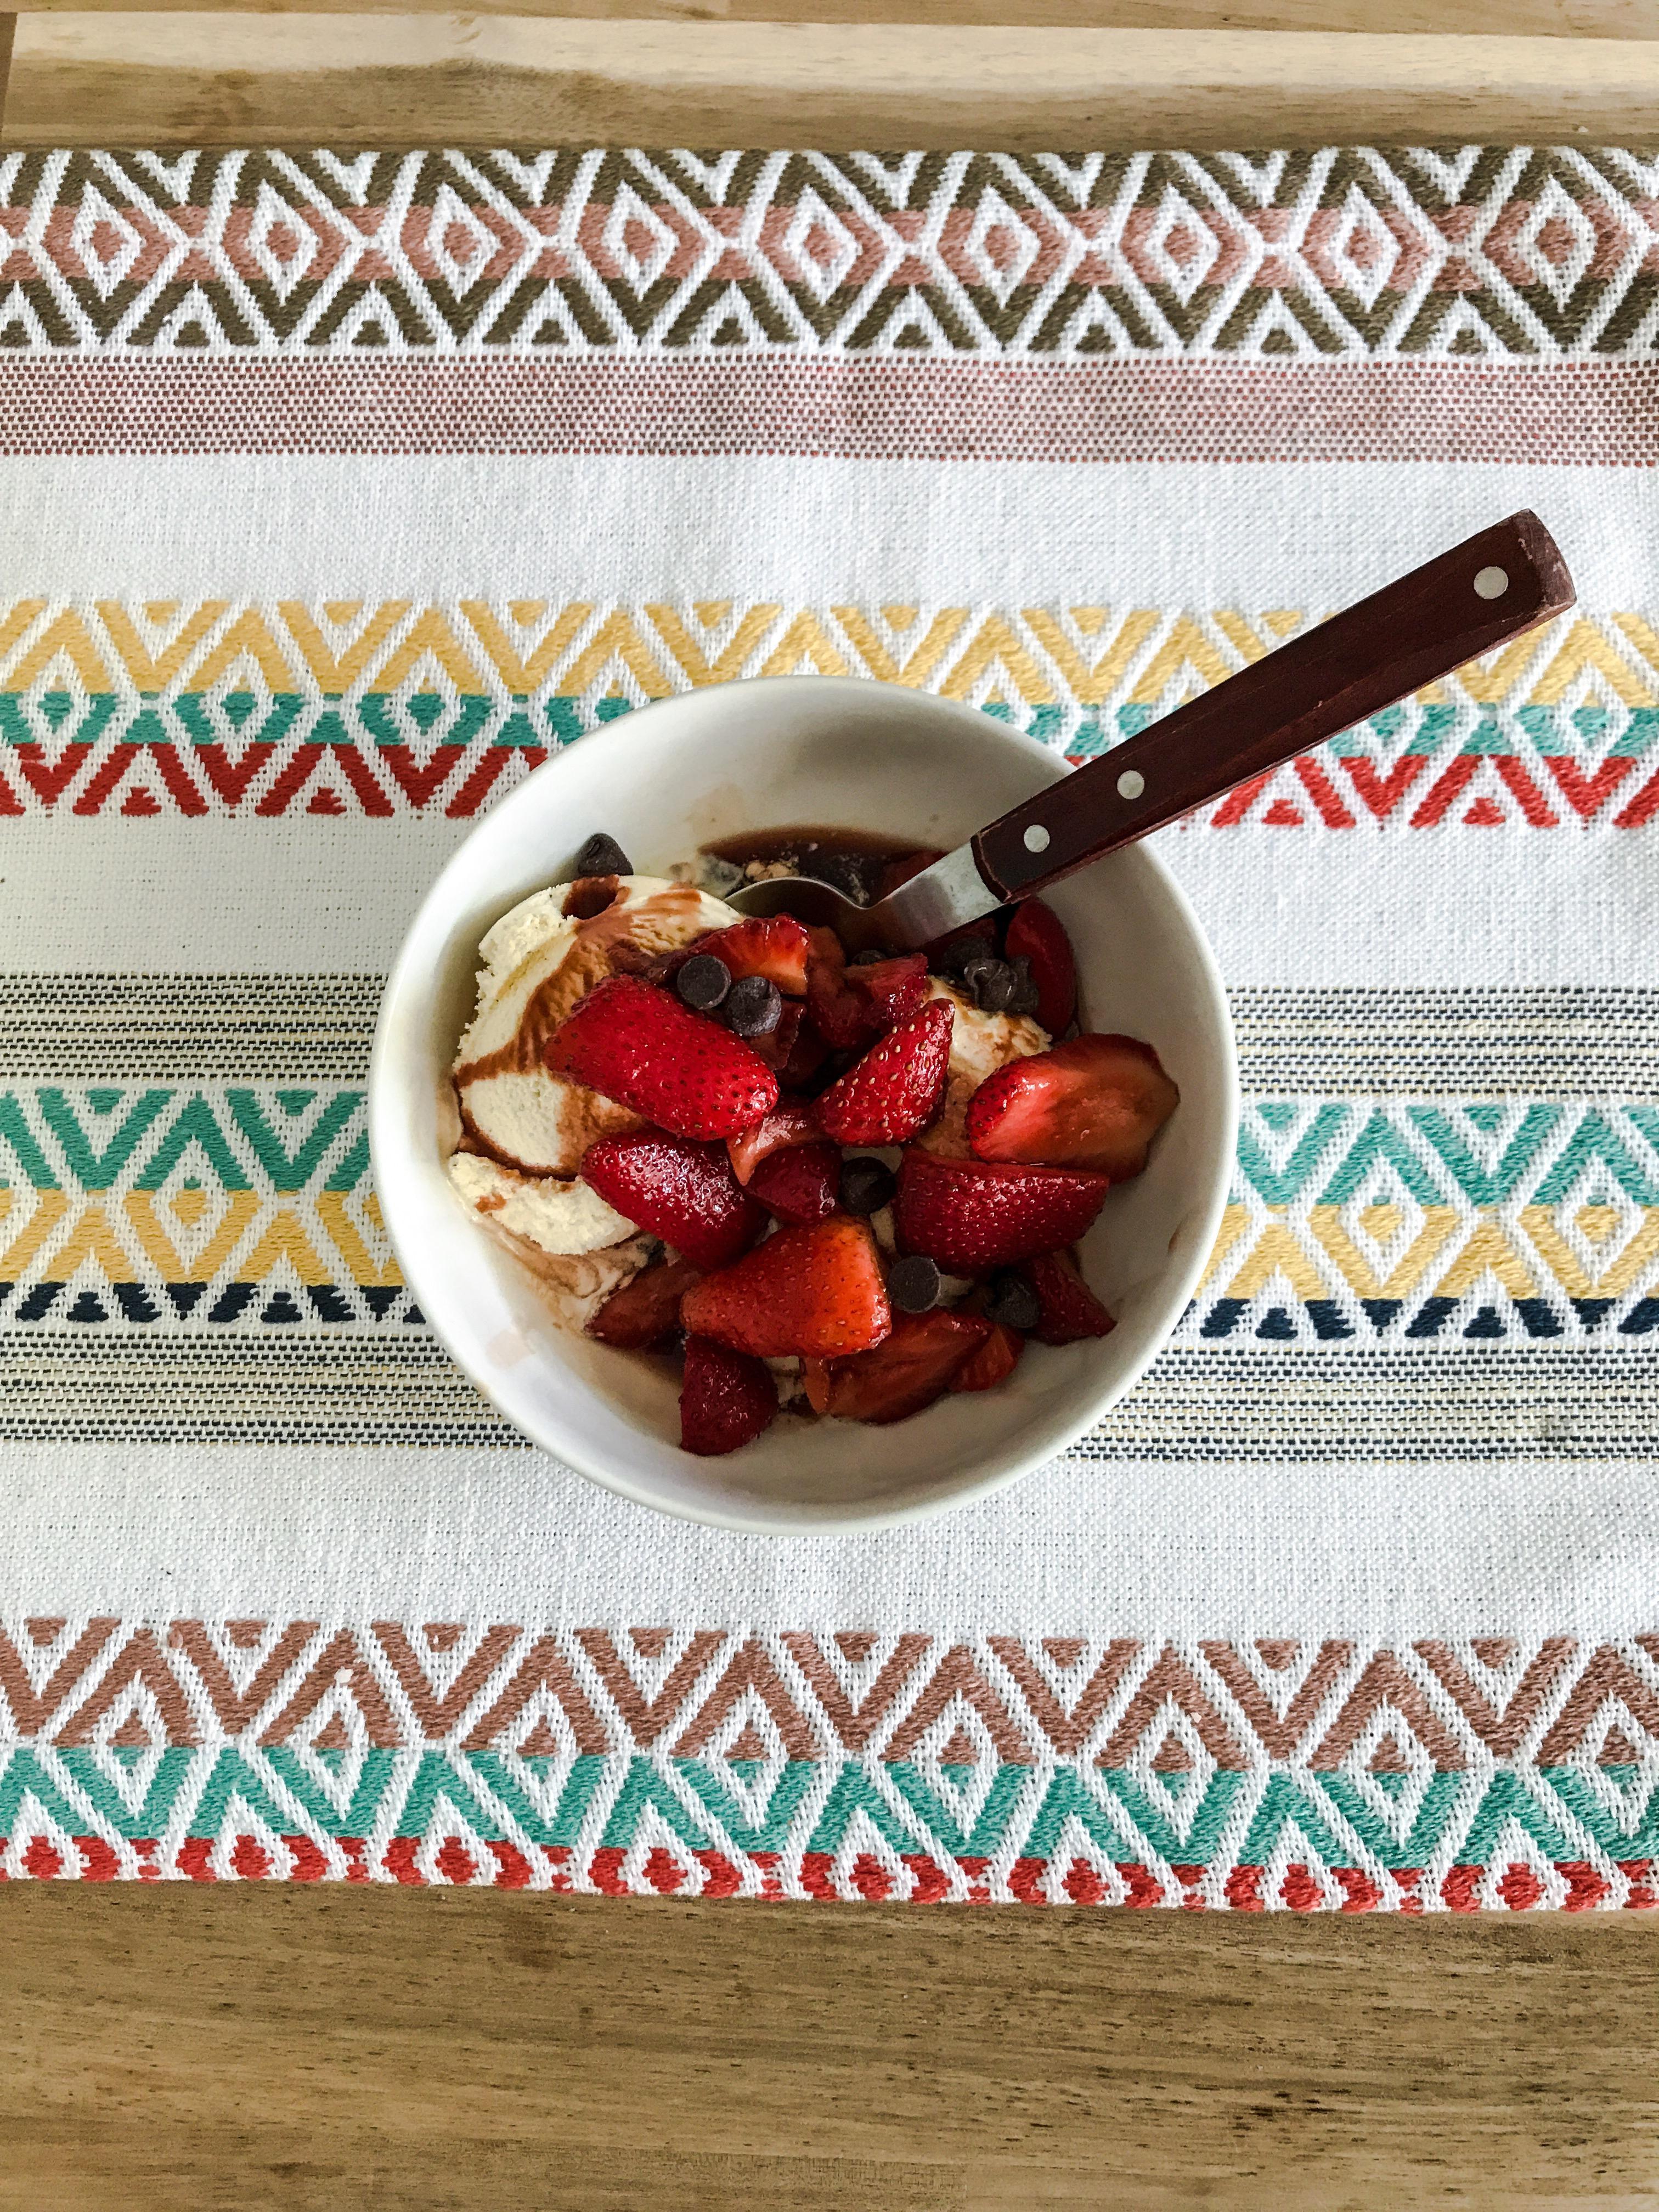 Balsamic Vinegar Strawberries over gelato